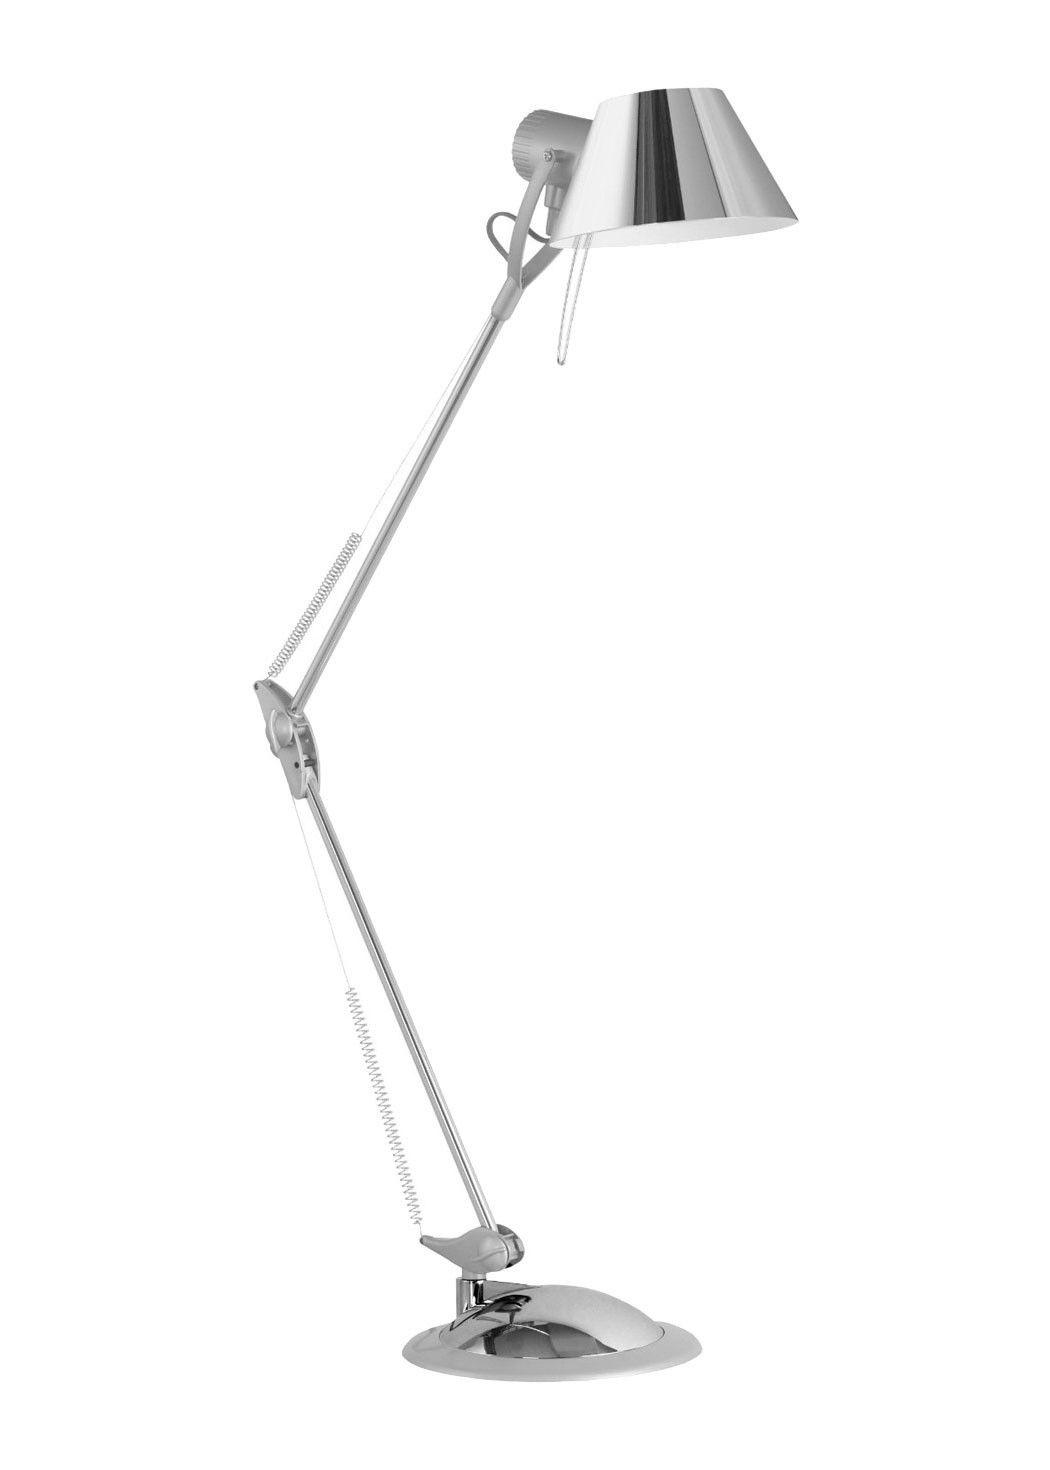 Eglo Office Desk Lamp Chrome